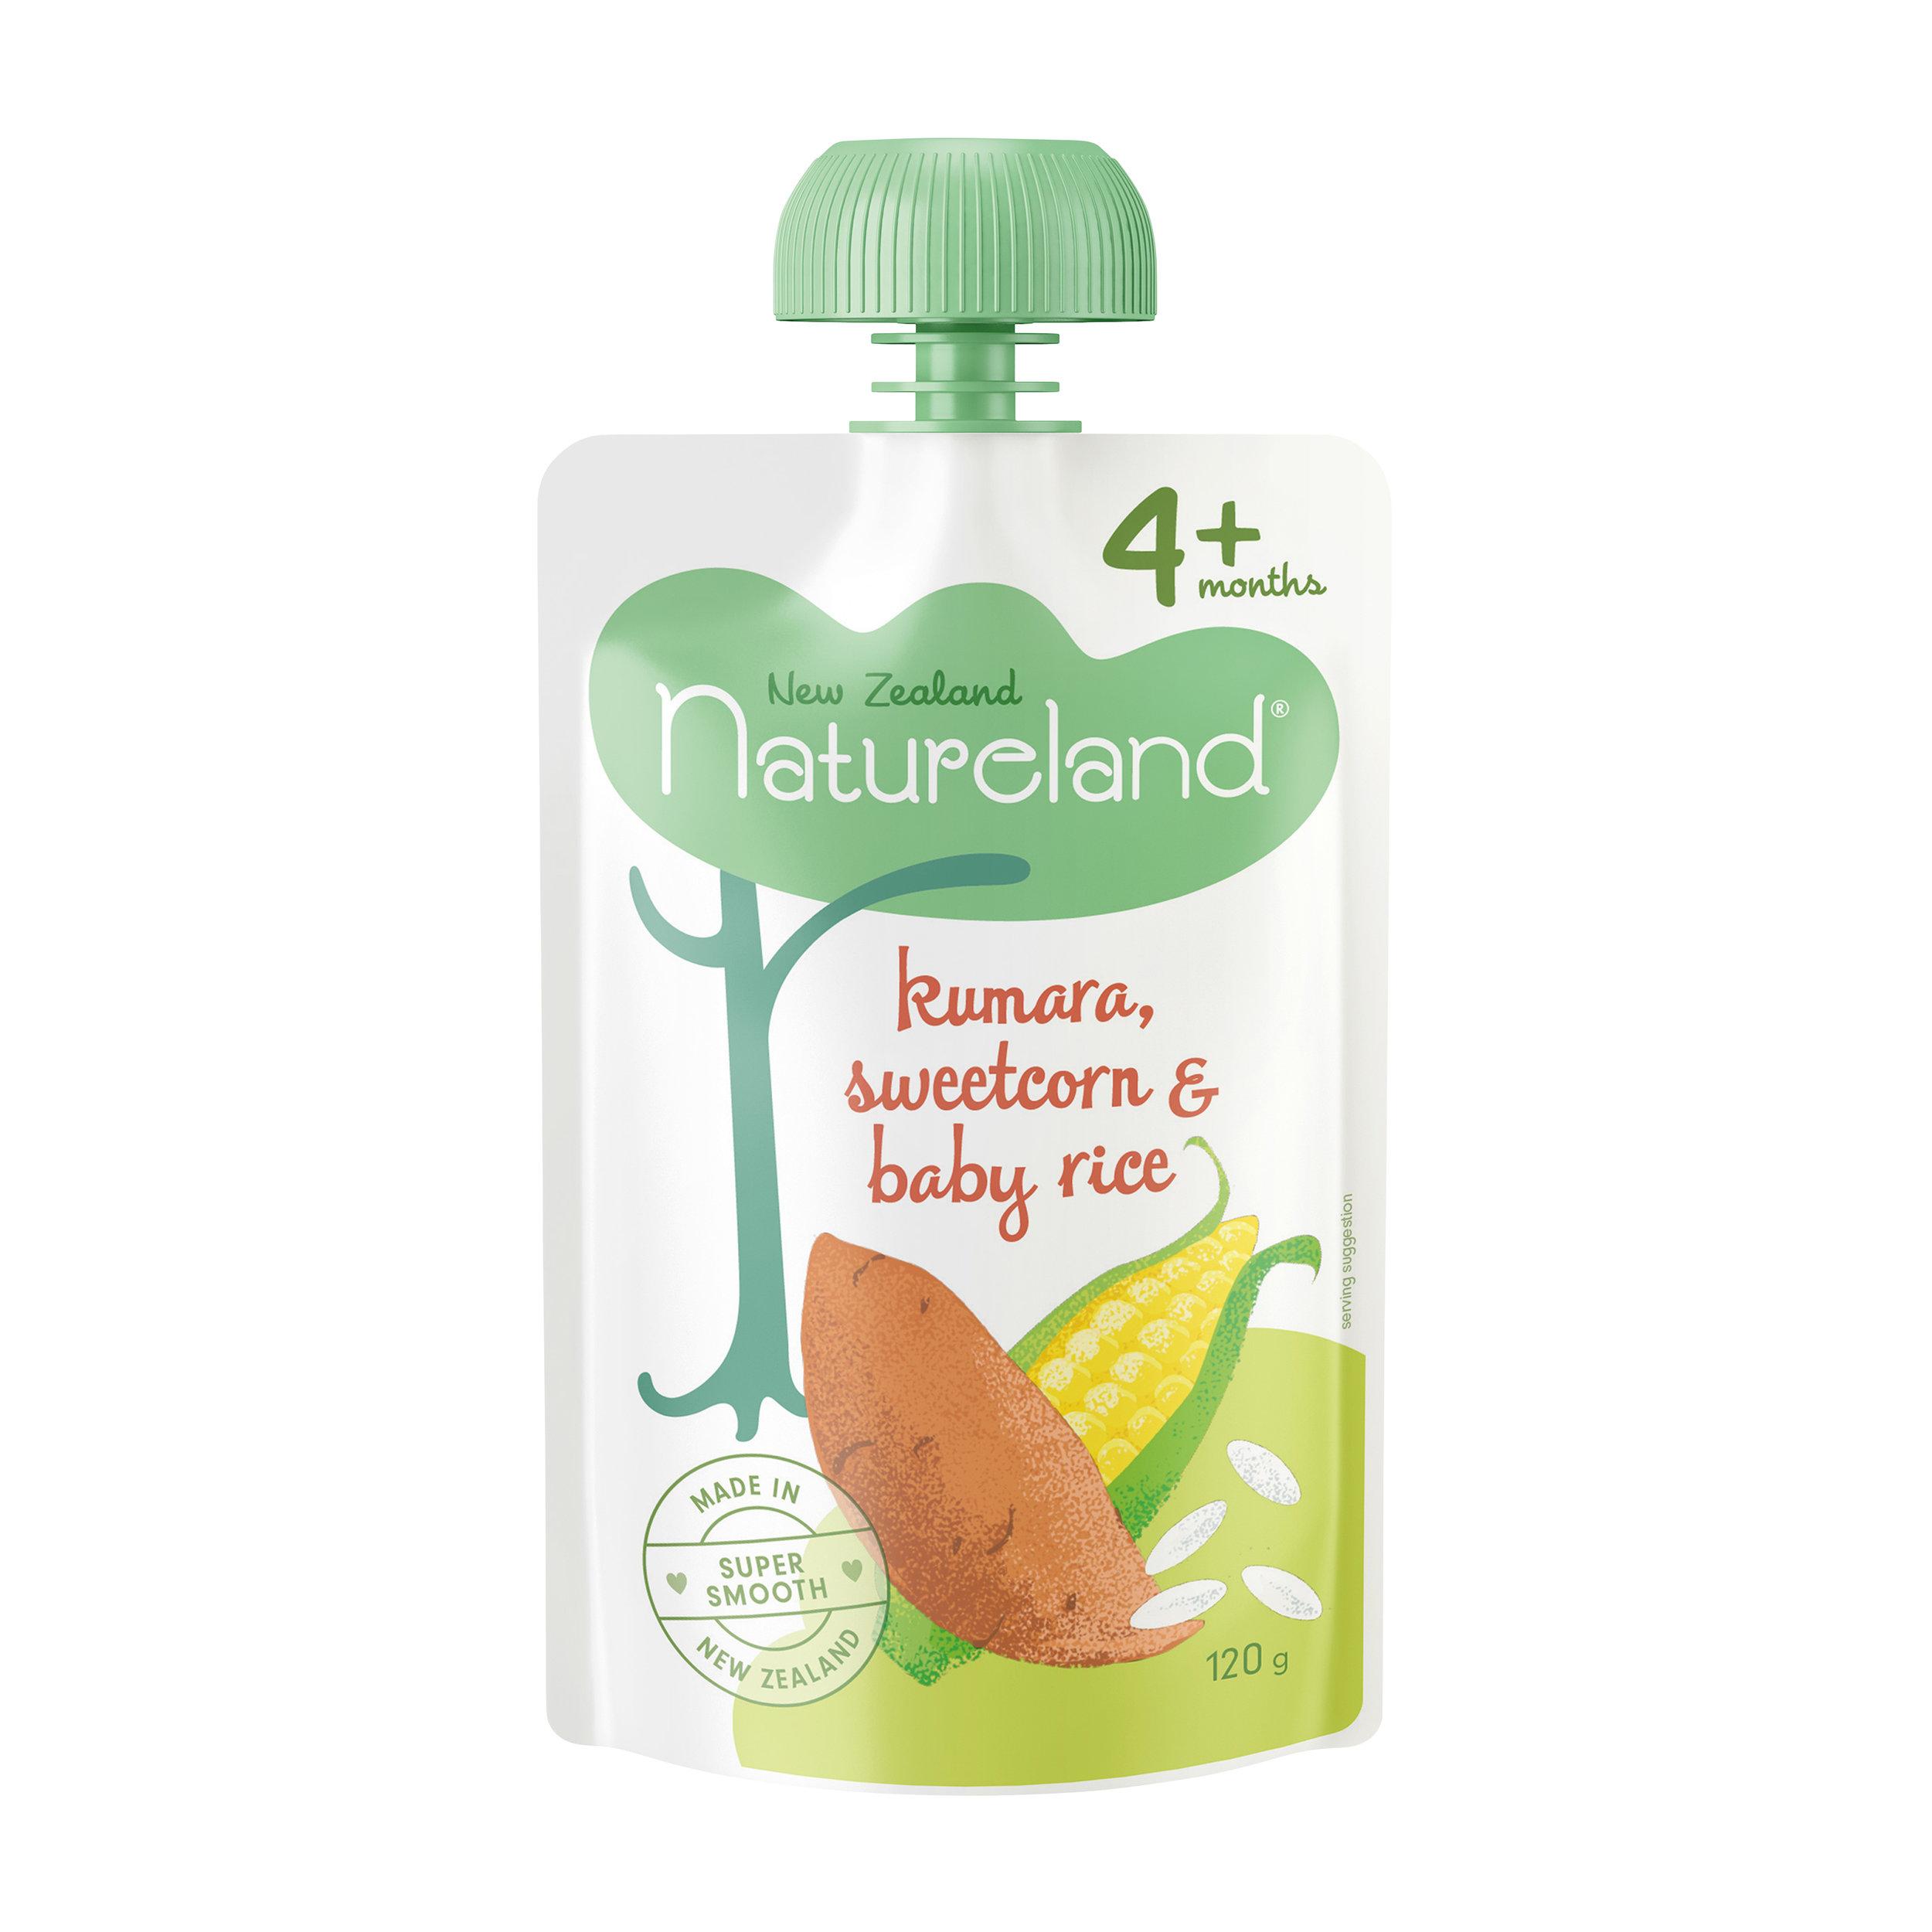 120g_NL_Kumera_Sweetcorn_Baby_Rice_Front.jpg